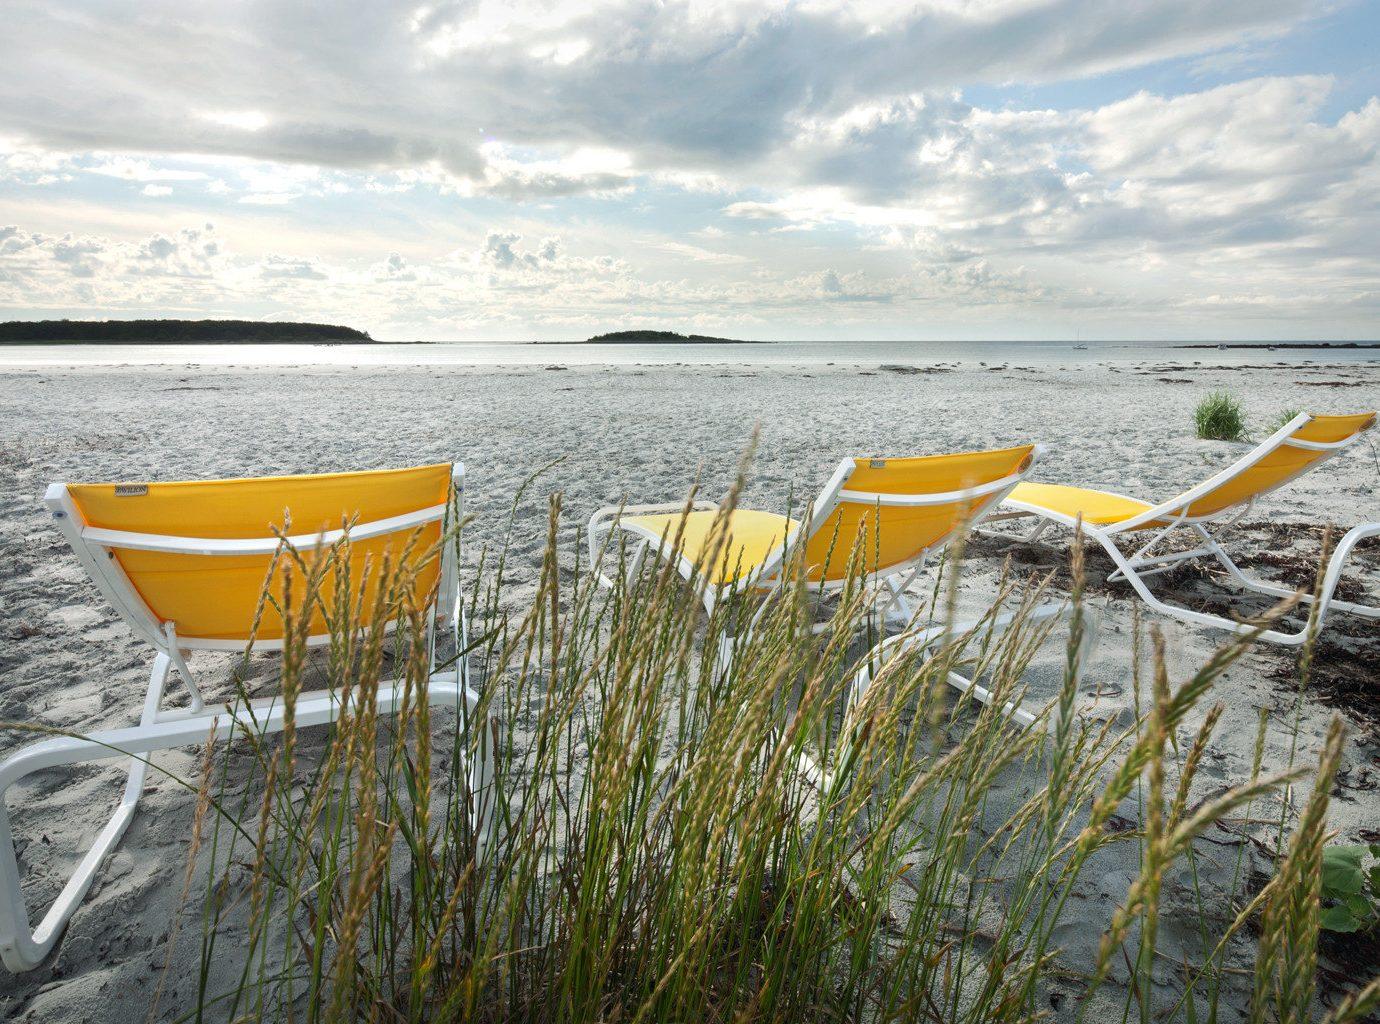 Beachside chairs at the Tides Beach Club, Maine